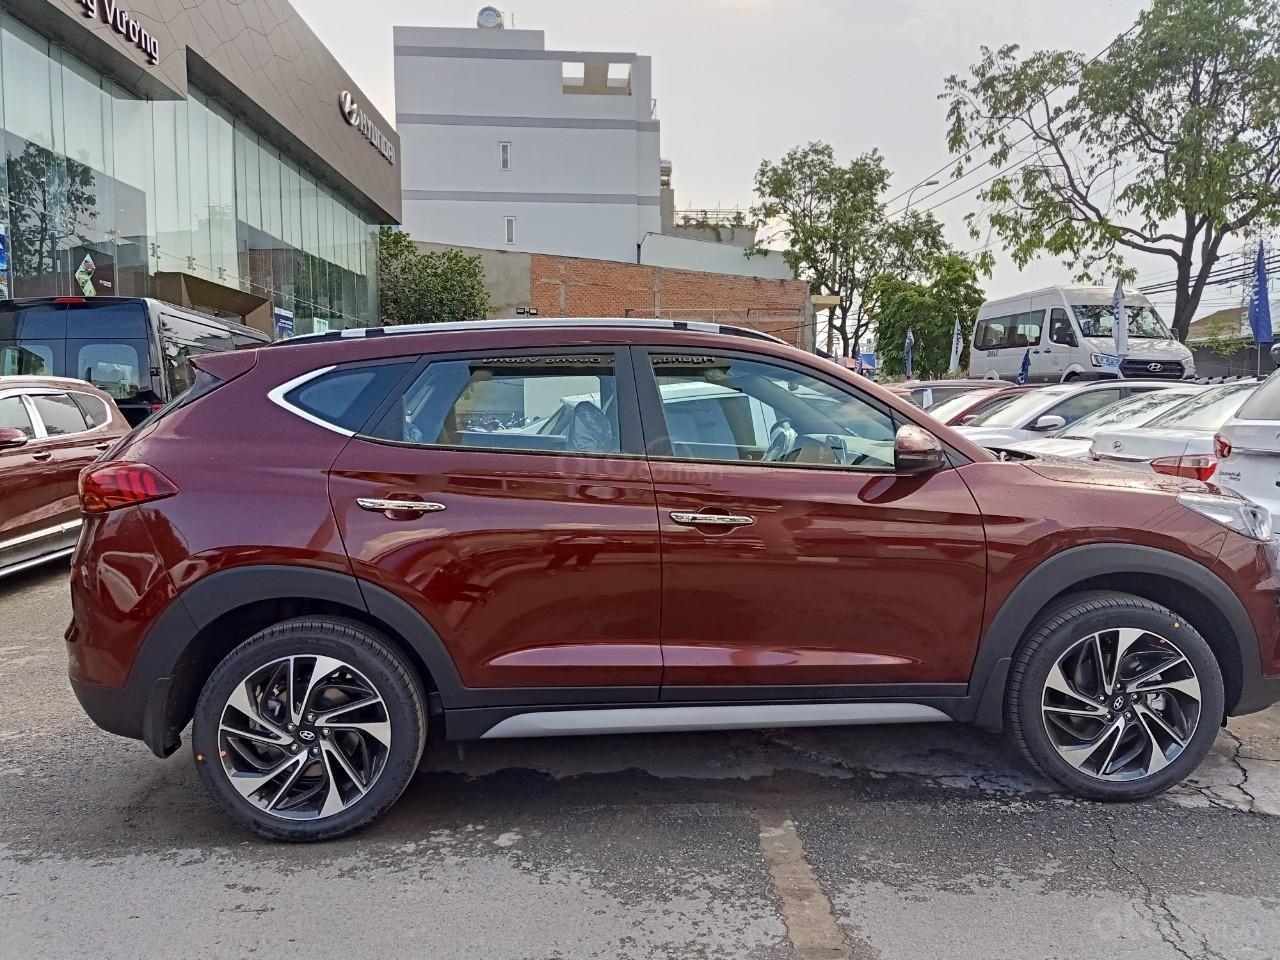 Tucson Turbo 2019 đỏ + Tặng combo Hyundai trị giá 40 triệu đồng + Hỗ trợ trả trước chỉ 10% giá trị xe-1